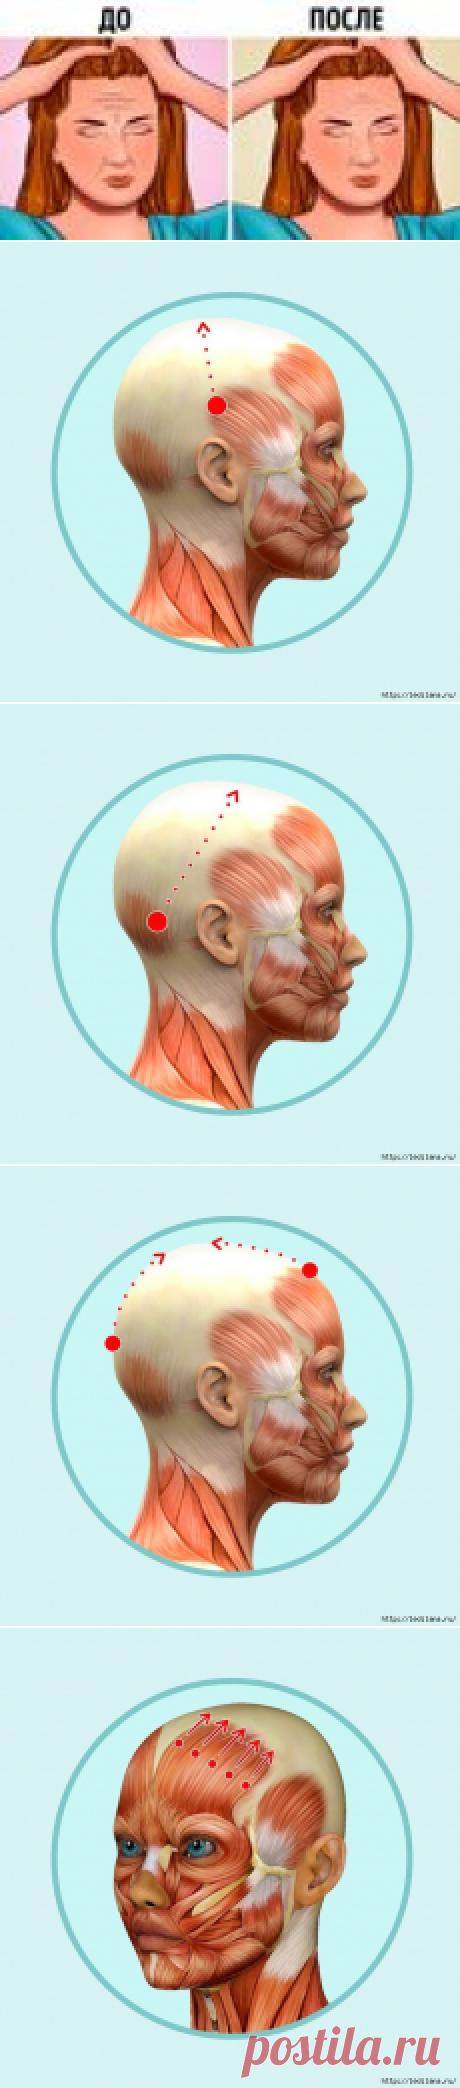 Здоровое состояние мышц и сухожильного шлема головы и шеи